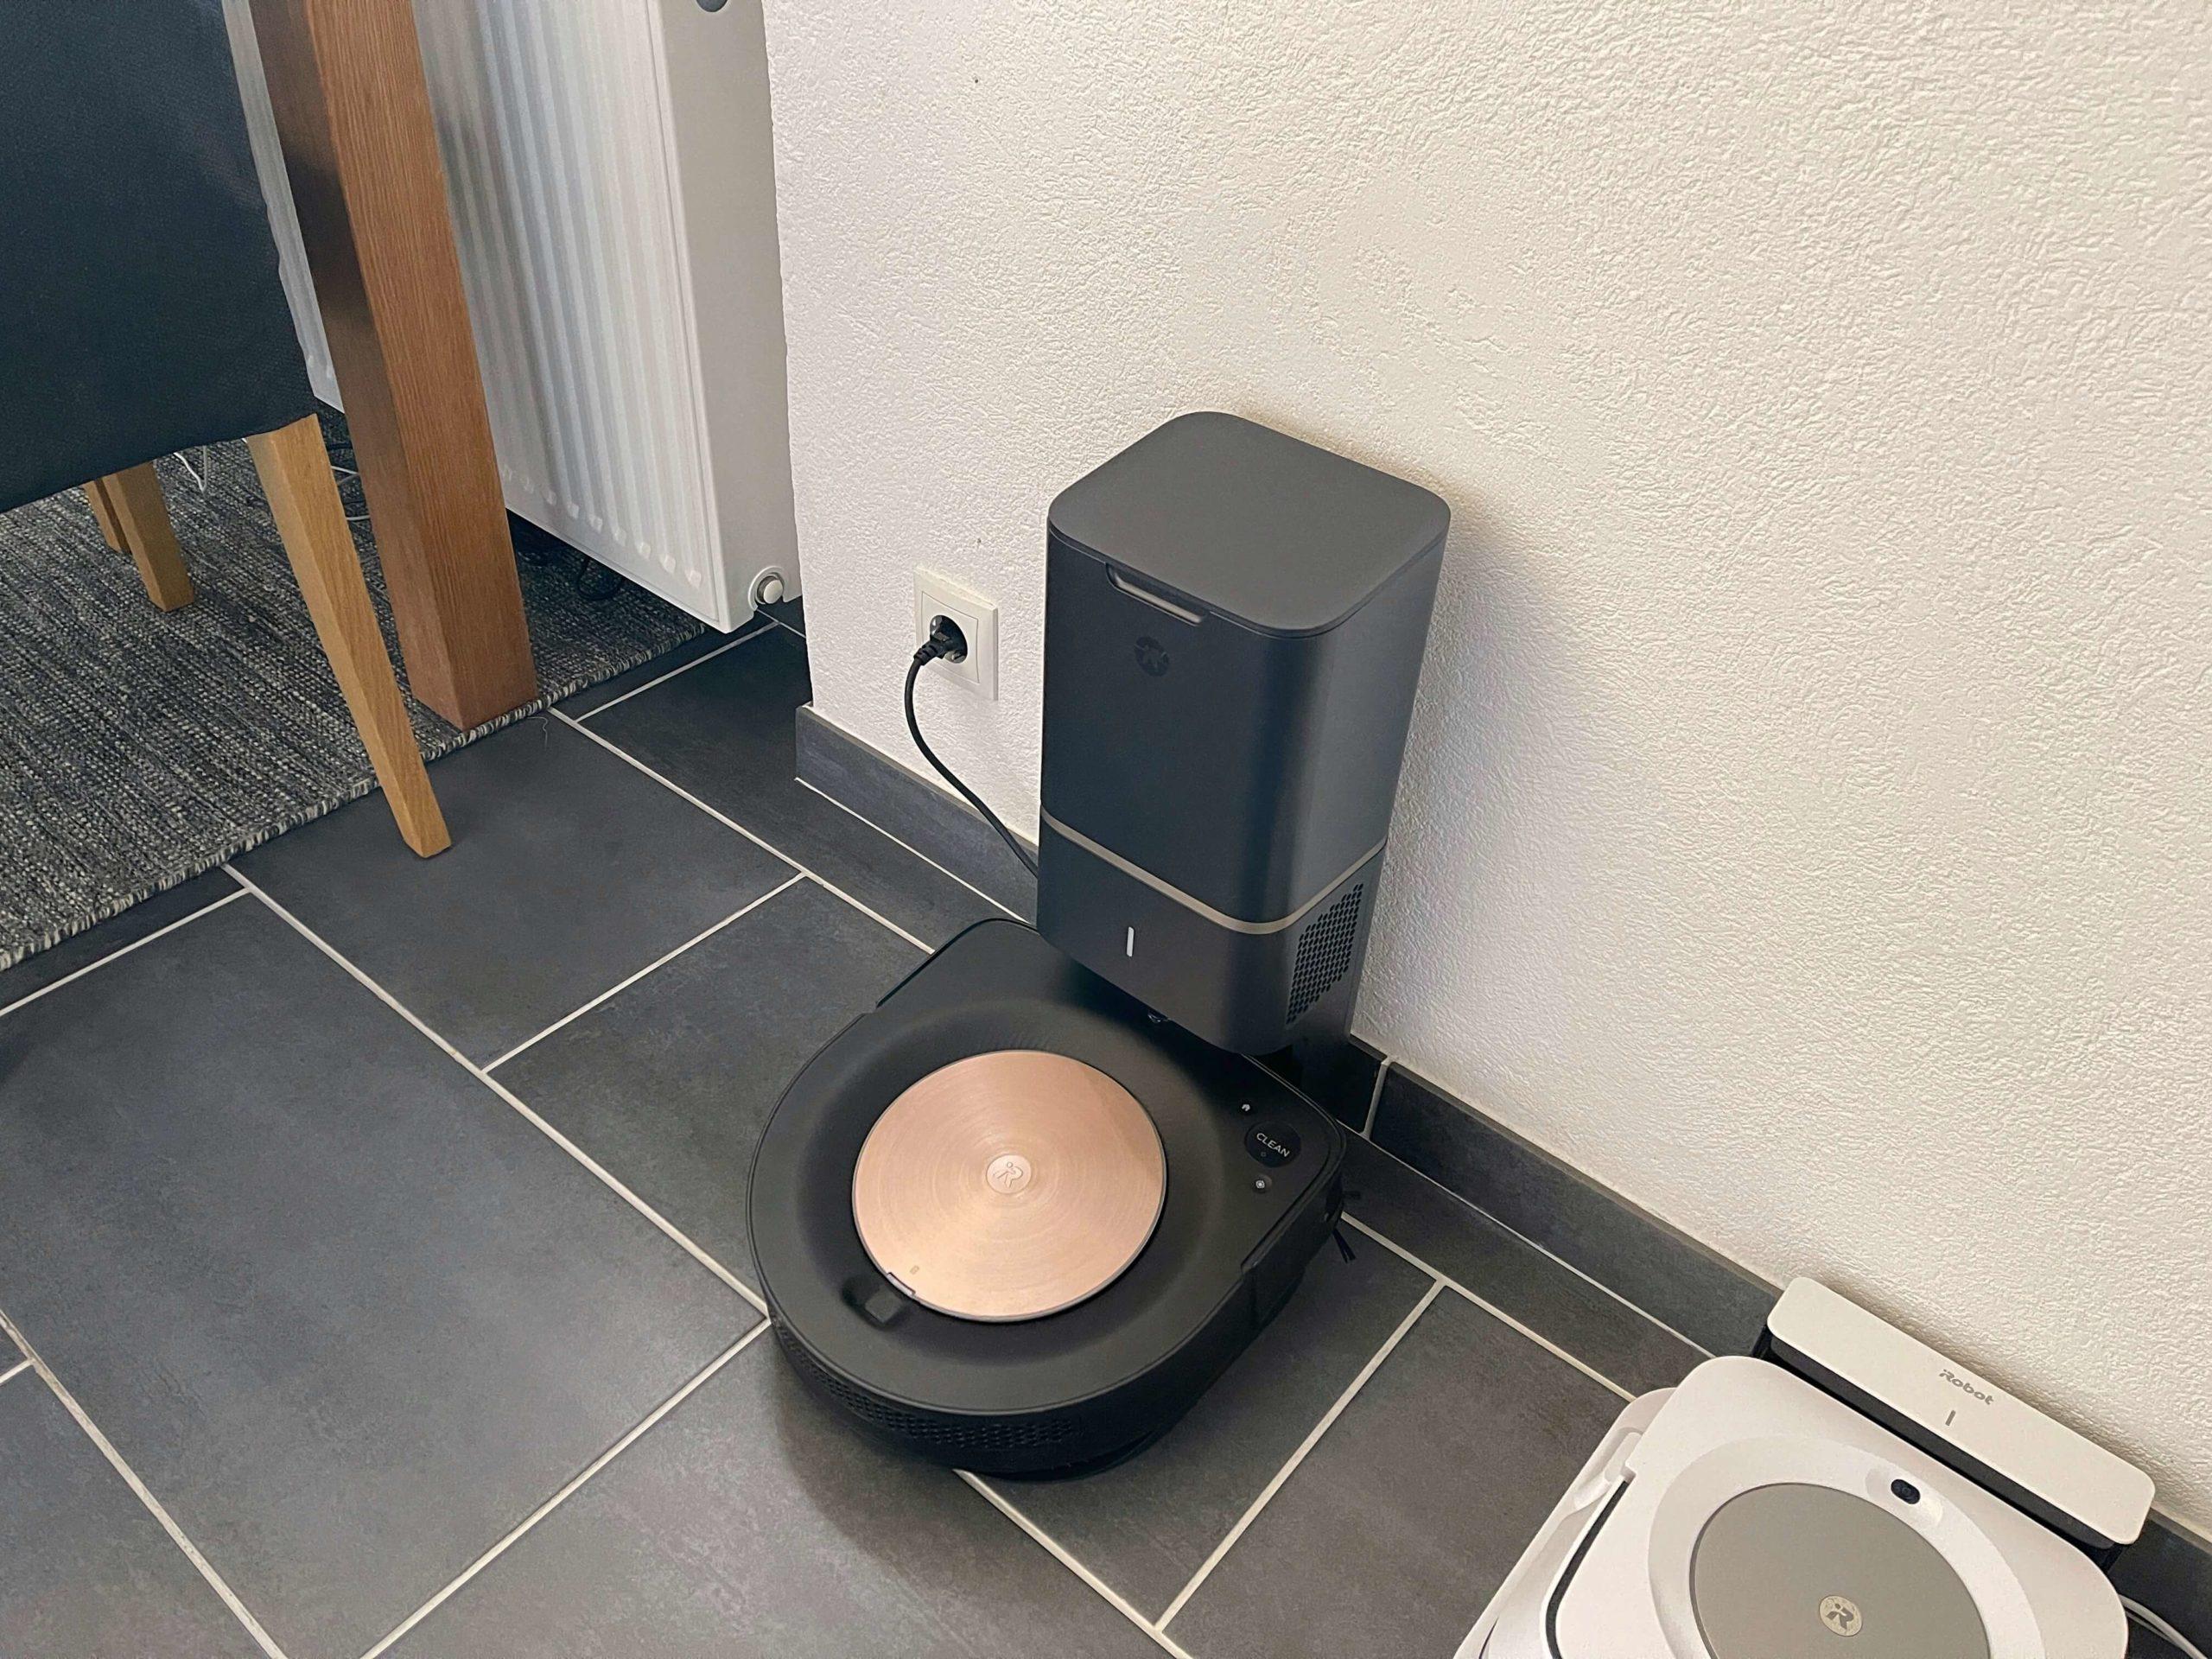 Roomba-s9-von-iRobot-intelligente-Raumreinigung-mit-Lerneffekt1-scaled Roomba s9+ von iRobot - intelligente Raumreinigung mit Lerneffekt